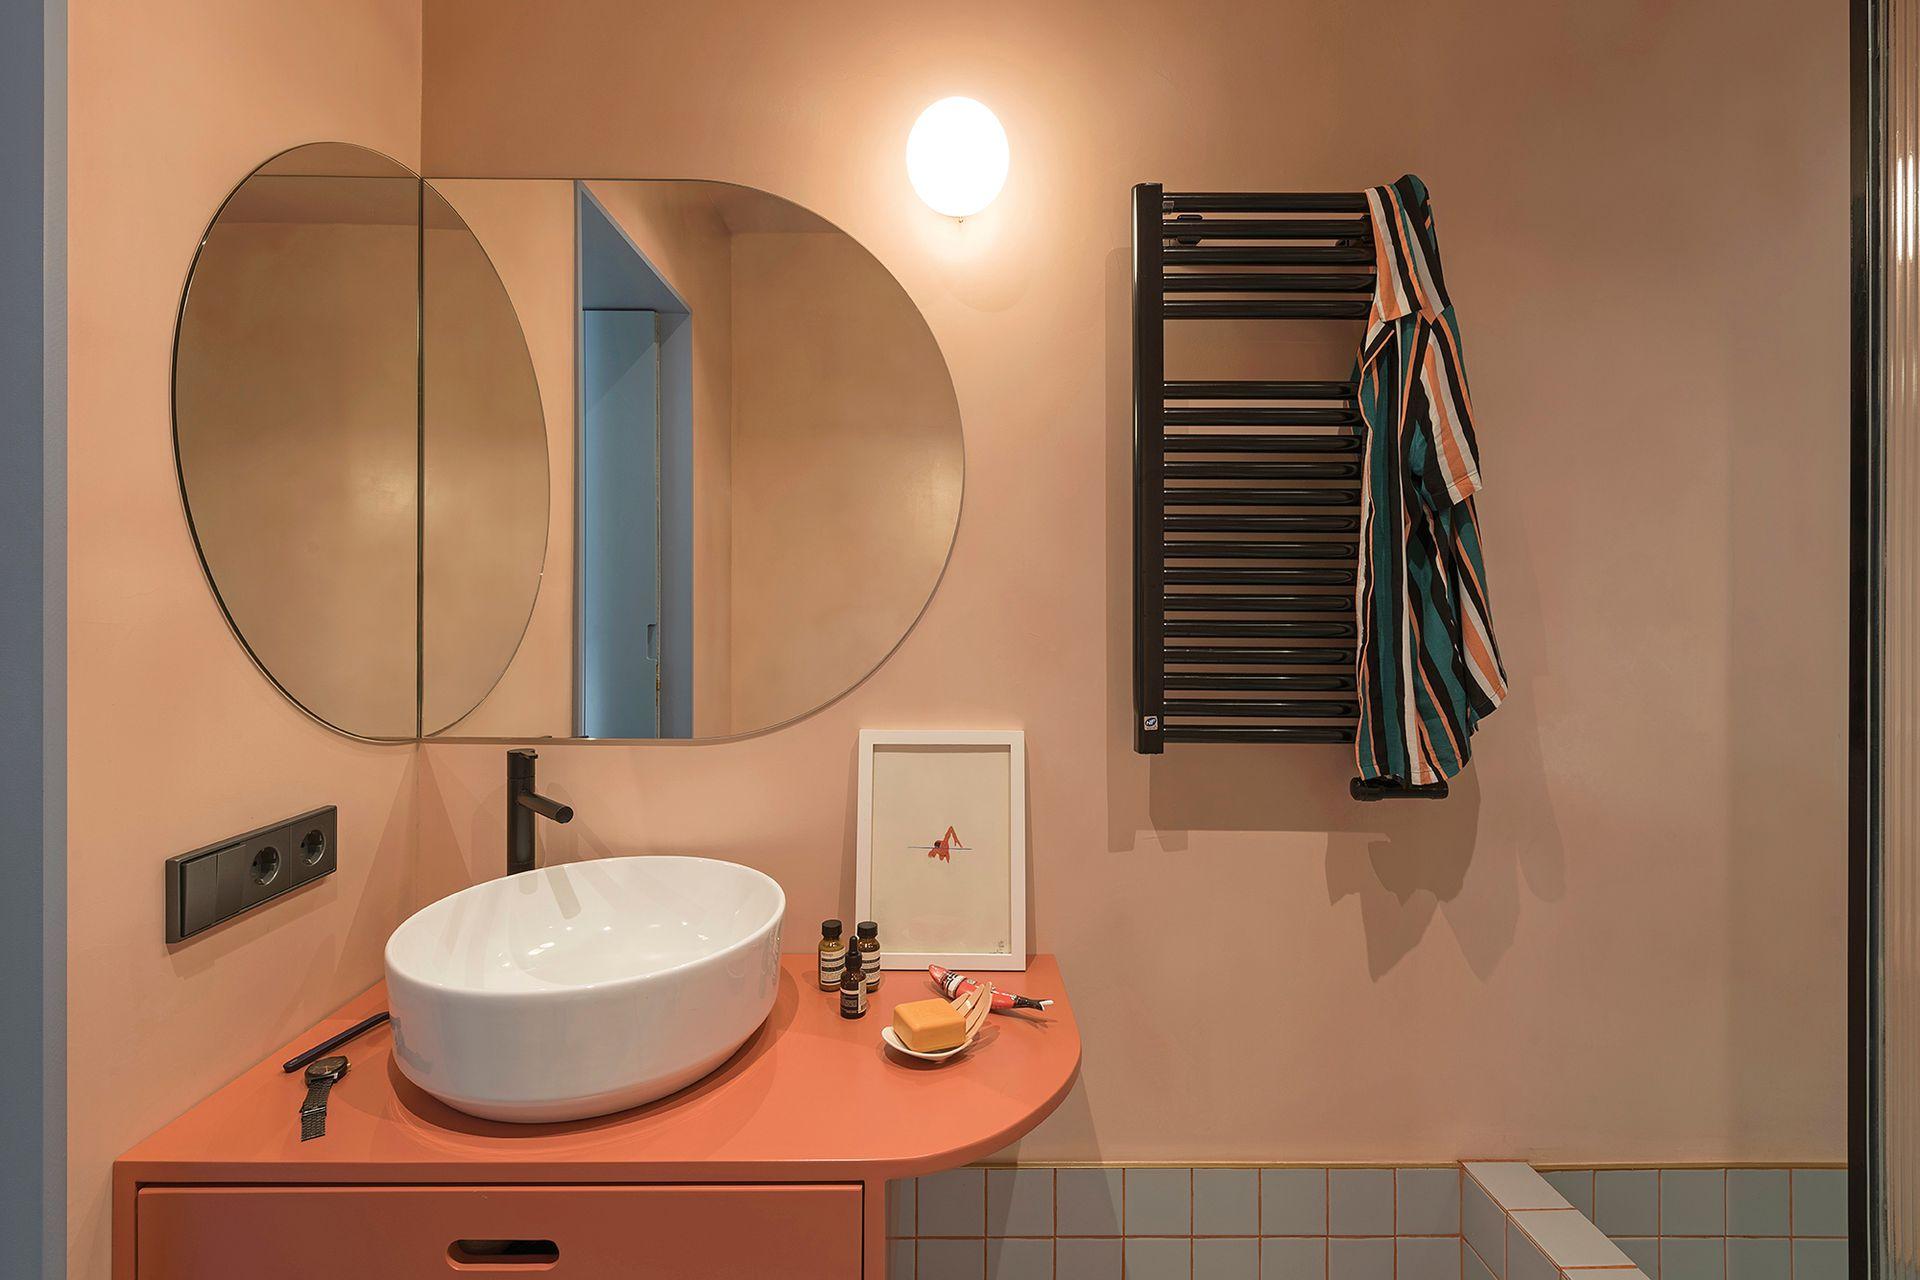 Mueble laqueado hecho a medida por el Estudio CaSA. Grifería, bacha y ducha, de Bruma.